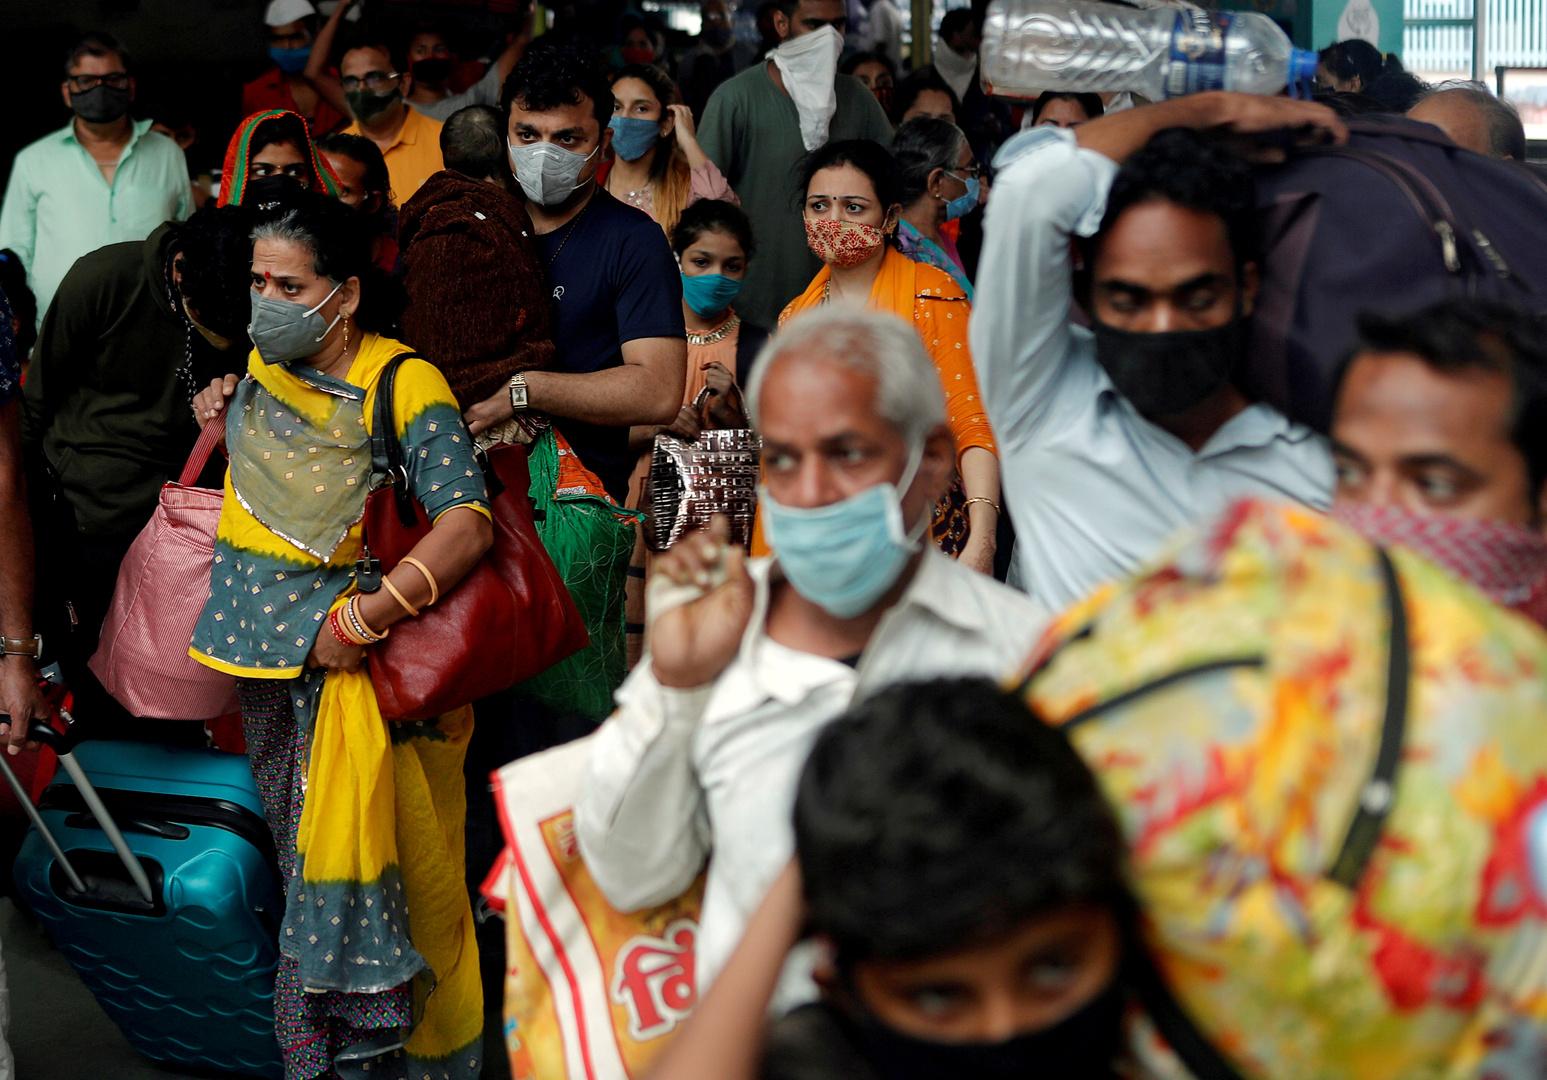 الهند تعلن عن نجاحها في عزل واستزراع السلالة المتحورة من كورونا